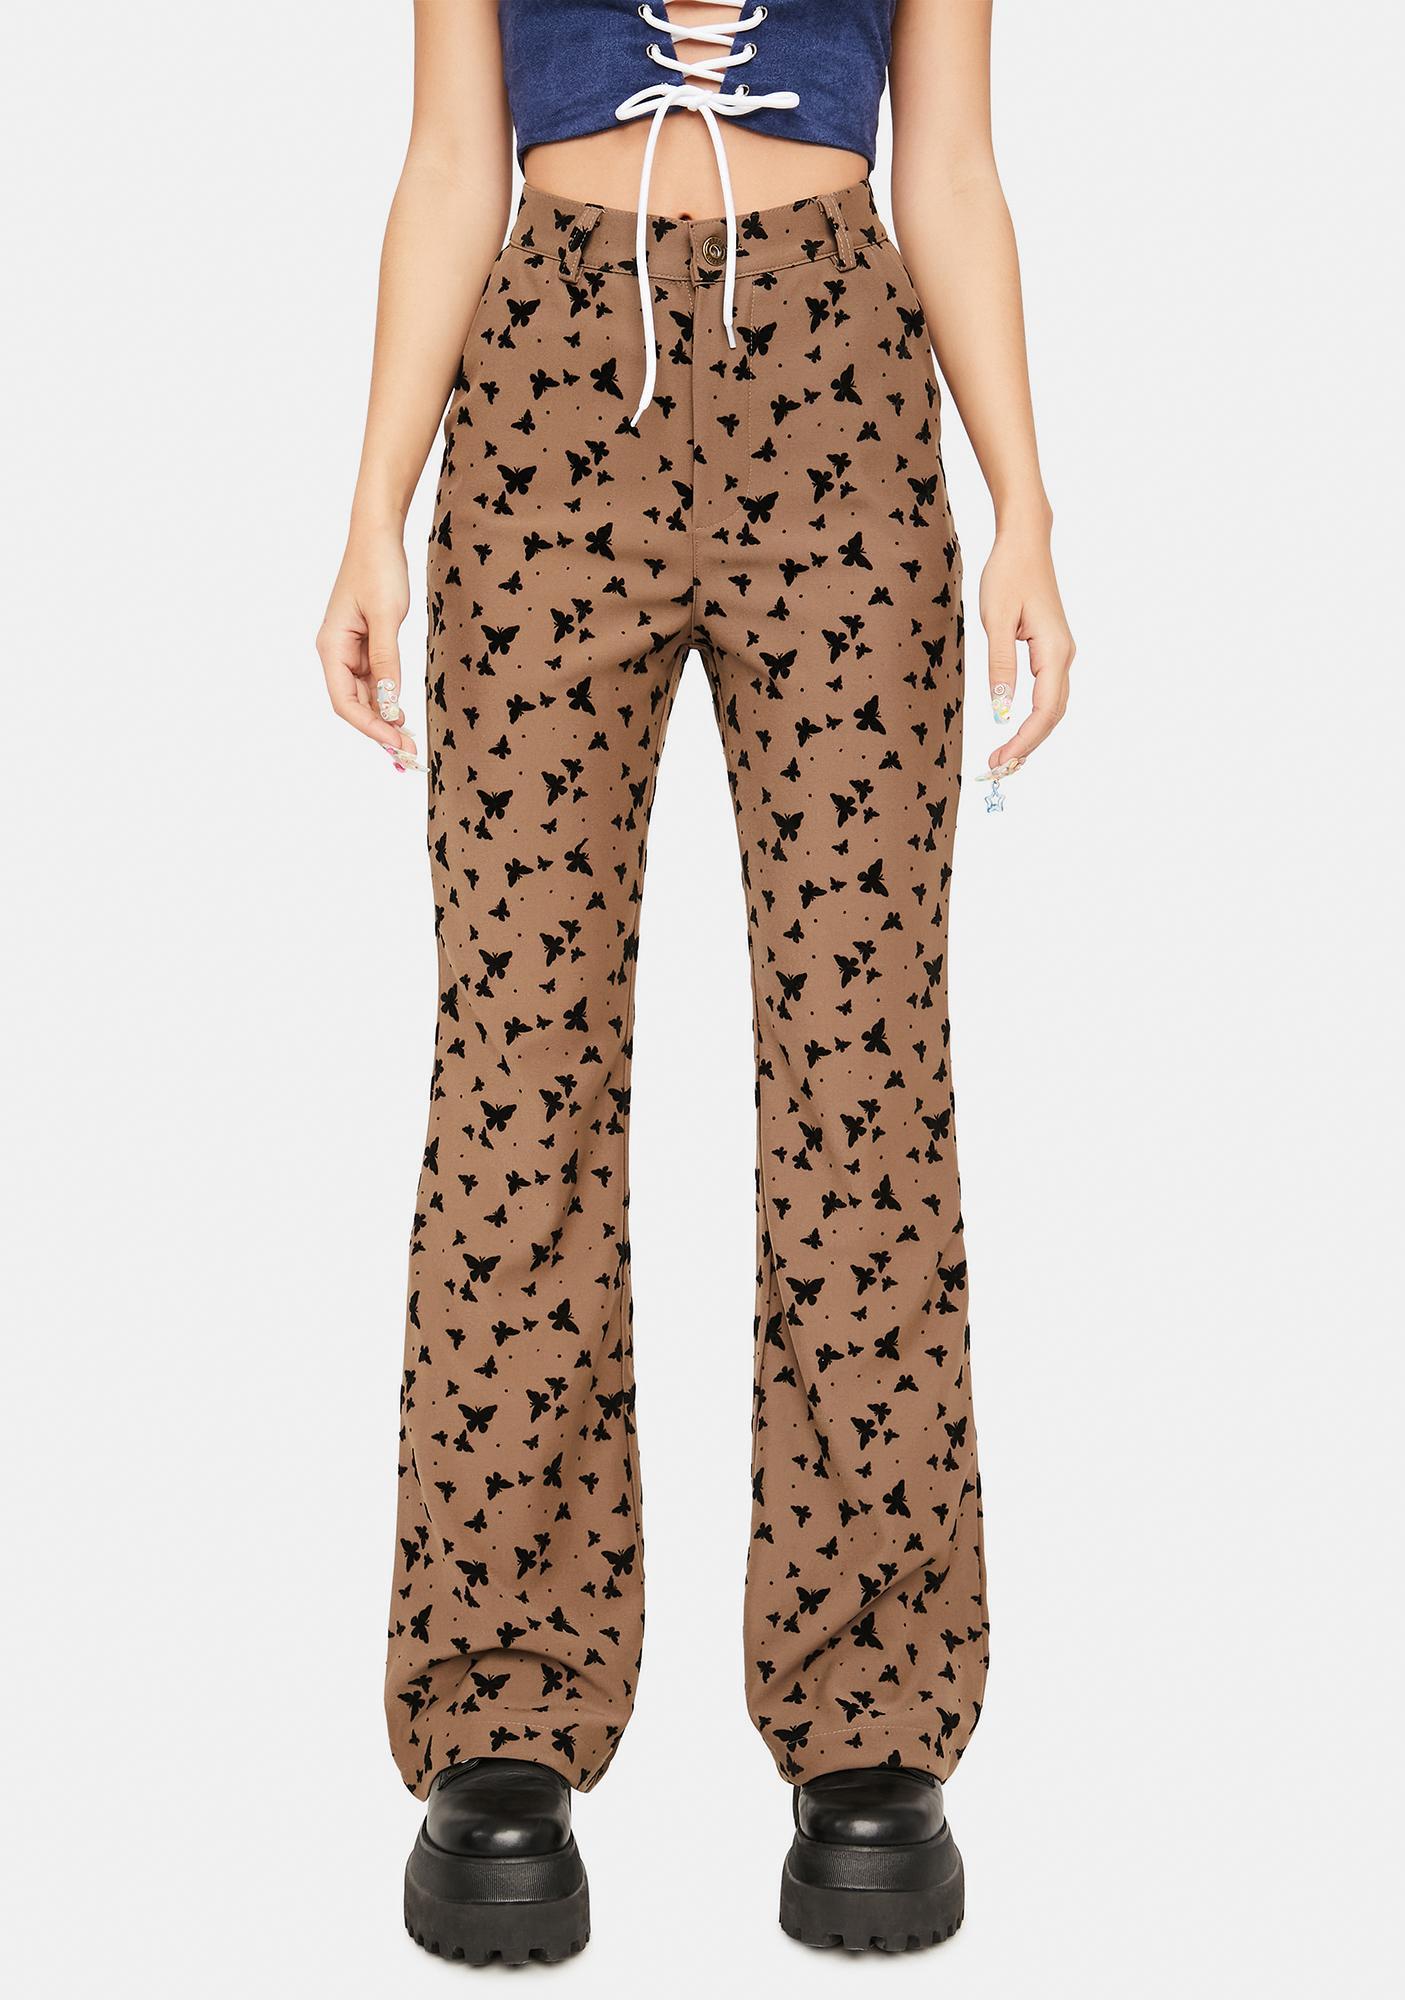 ZEMETA Brown Butterfly High Waist Pants